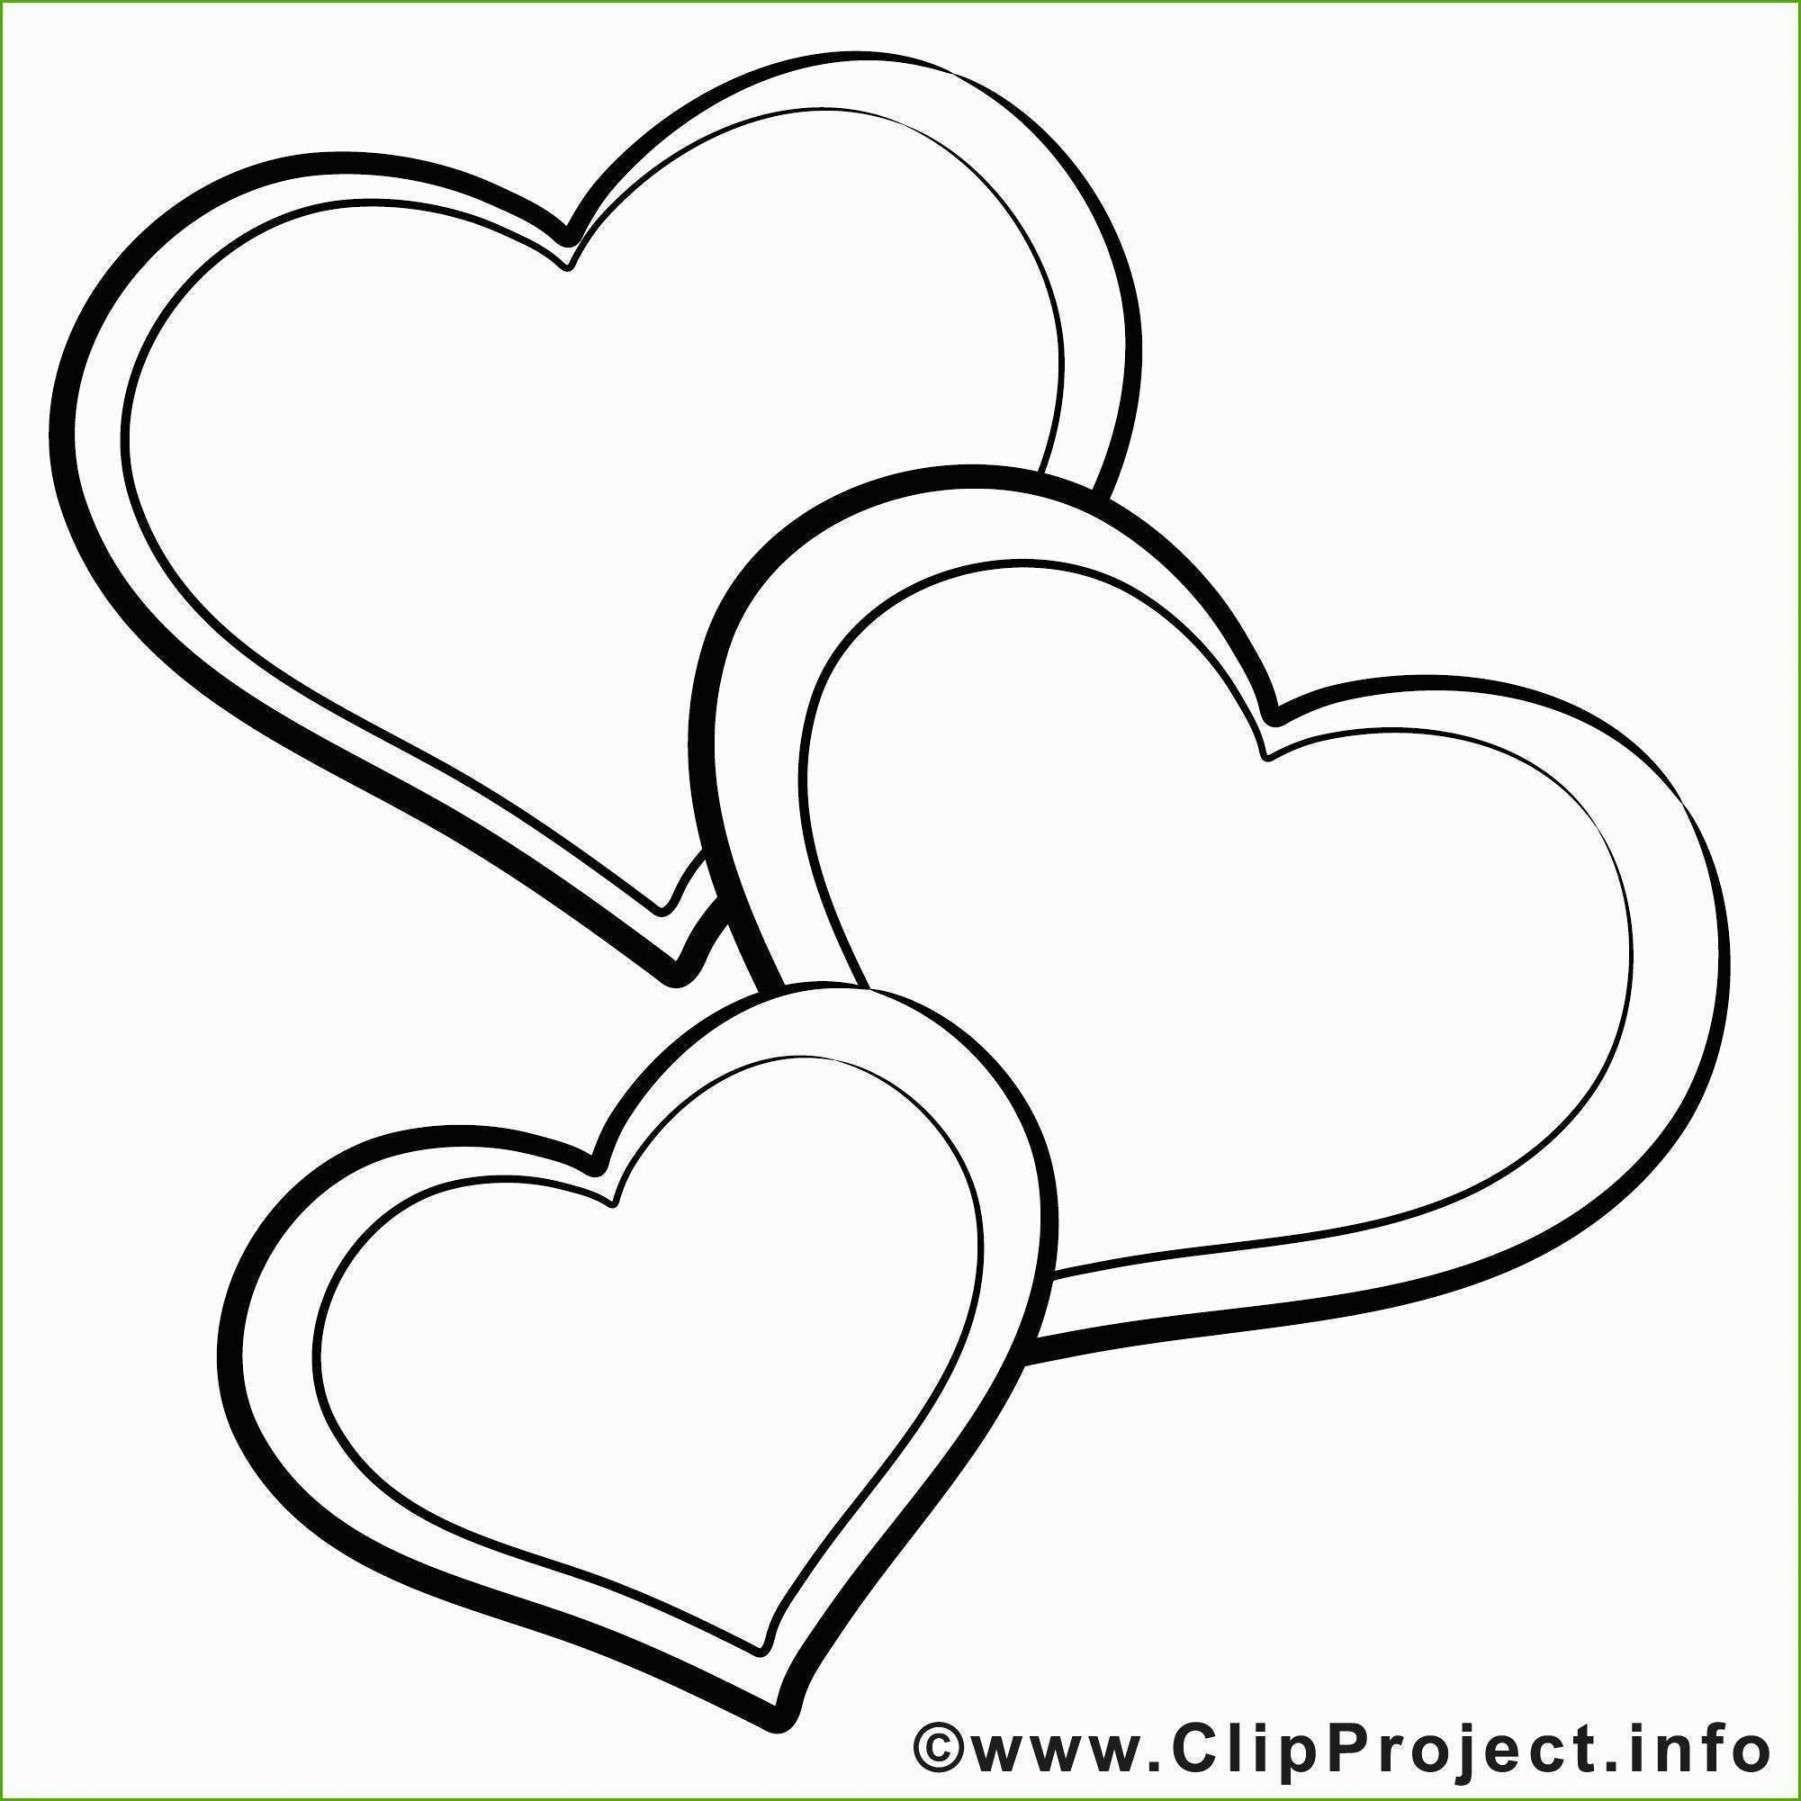 Herz Vorlage Zum Ausdrucken In 2020 | Herz Vorlage, Bilder innen Herz Vorlagen Zum Ausdrucken